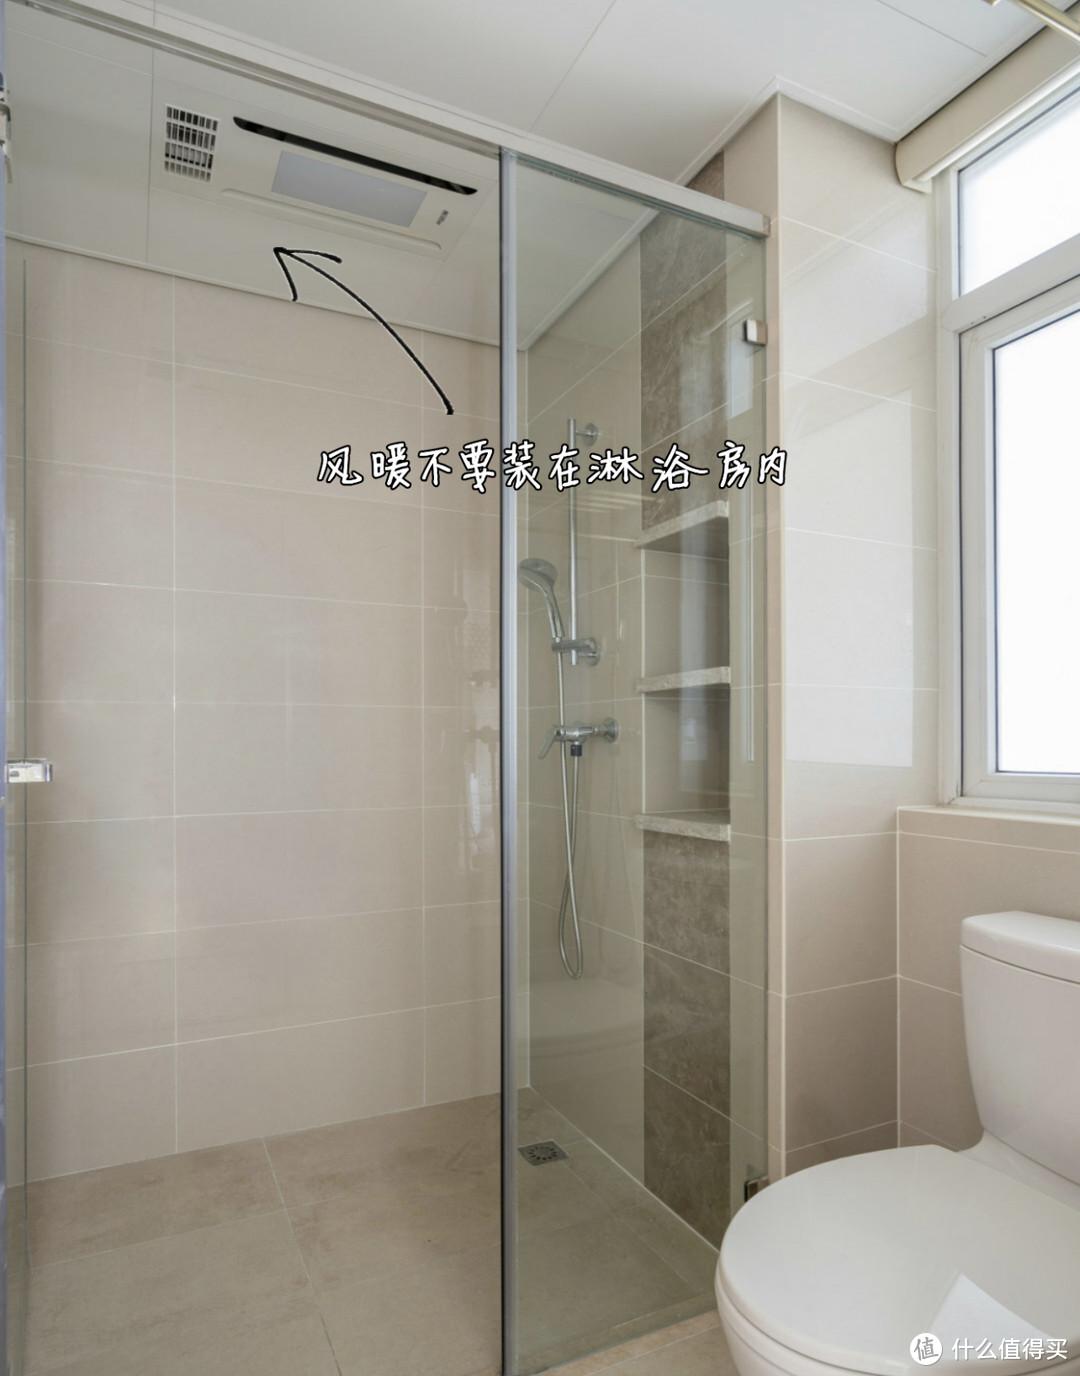 无关乎金钱,这12个卫生间细节做对了,使用体验大幅提升!